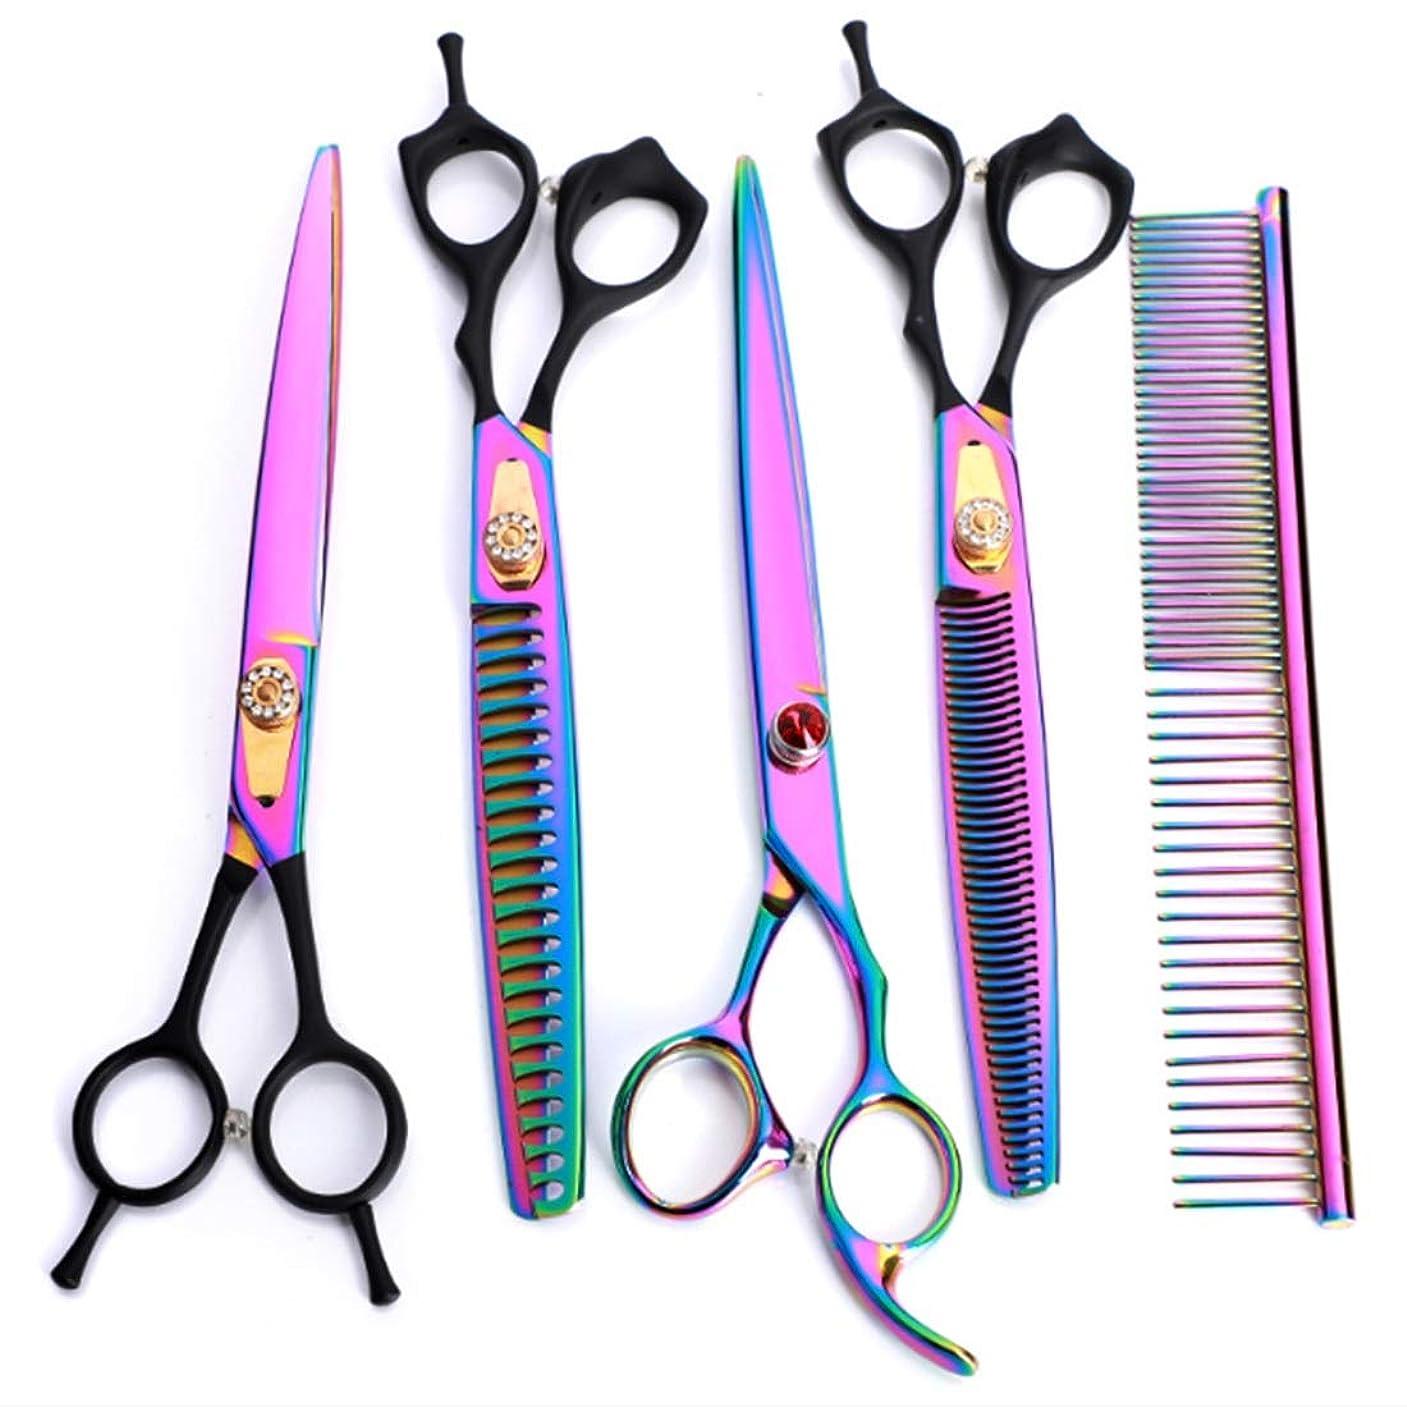 受取人プラスチックプラカードプロの理髪師の髪のはさみ/はさみ(8インチ) - プロの歯科用ハサミ/曲げのはさみは毛の切断をせん断します モデリングツール (色 : 色)